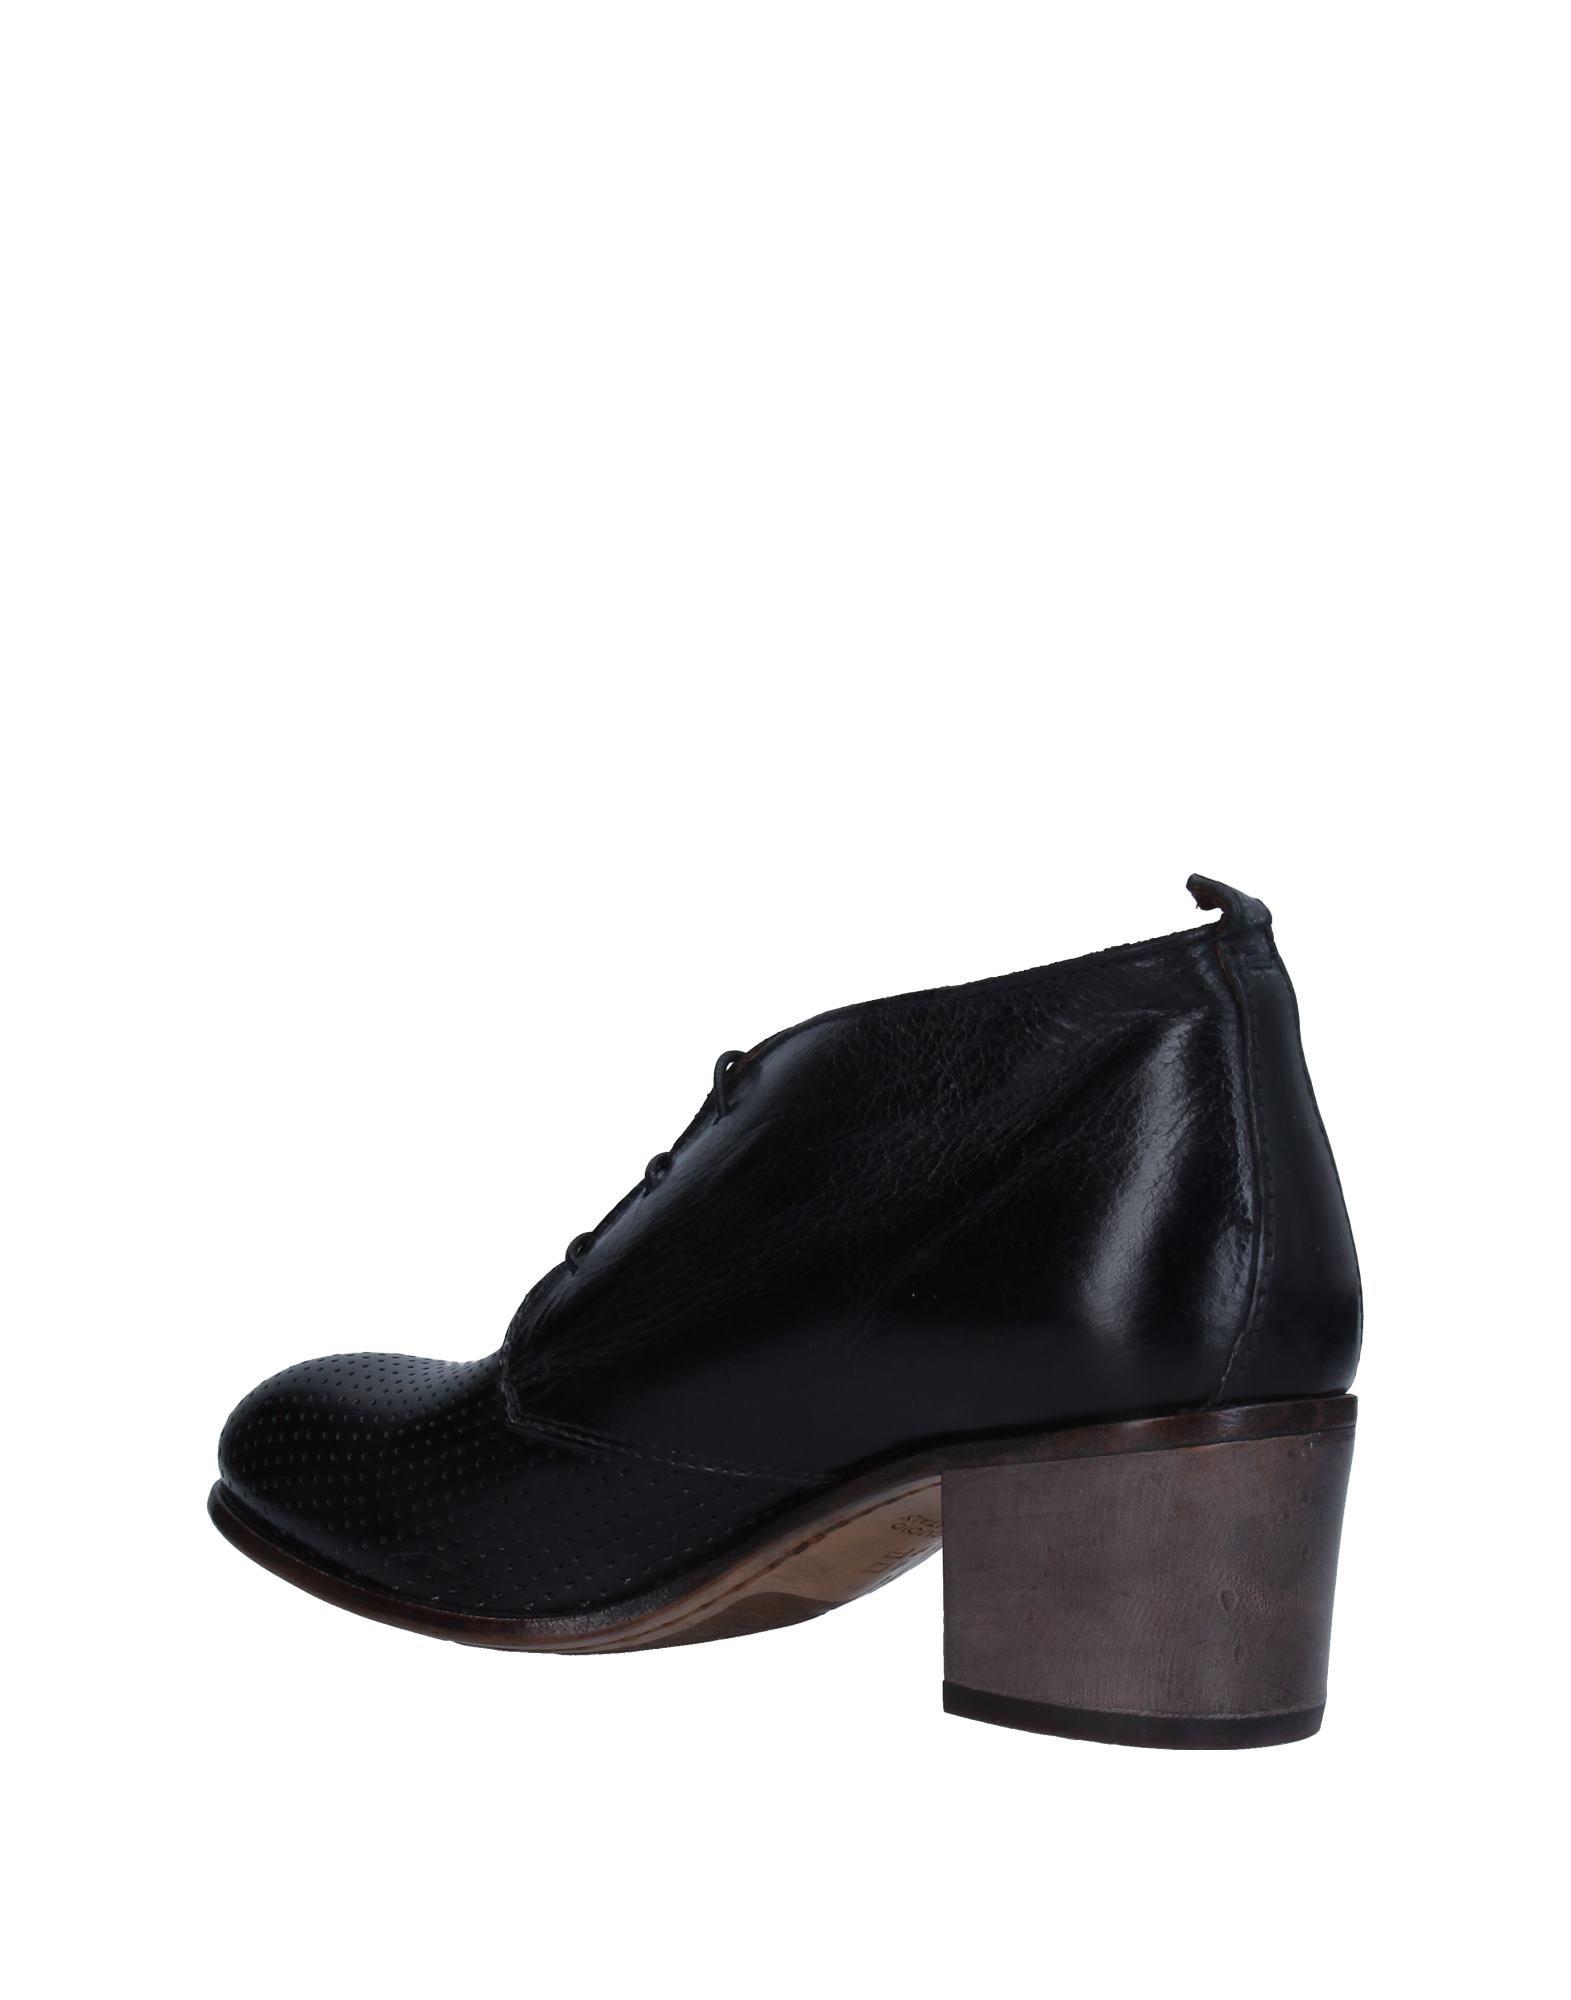 Moma Schnürschuhe strapazierfähige Damen  11326950BFGut aussehende strapazierfähige Schnürschuhe Schuhe b3c808